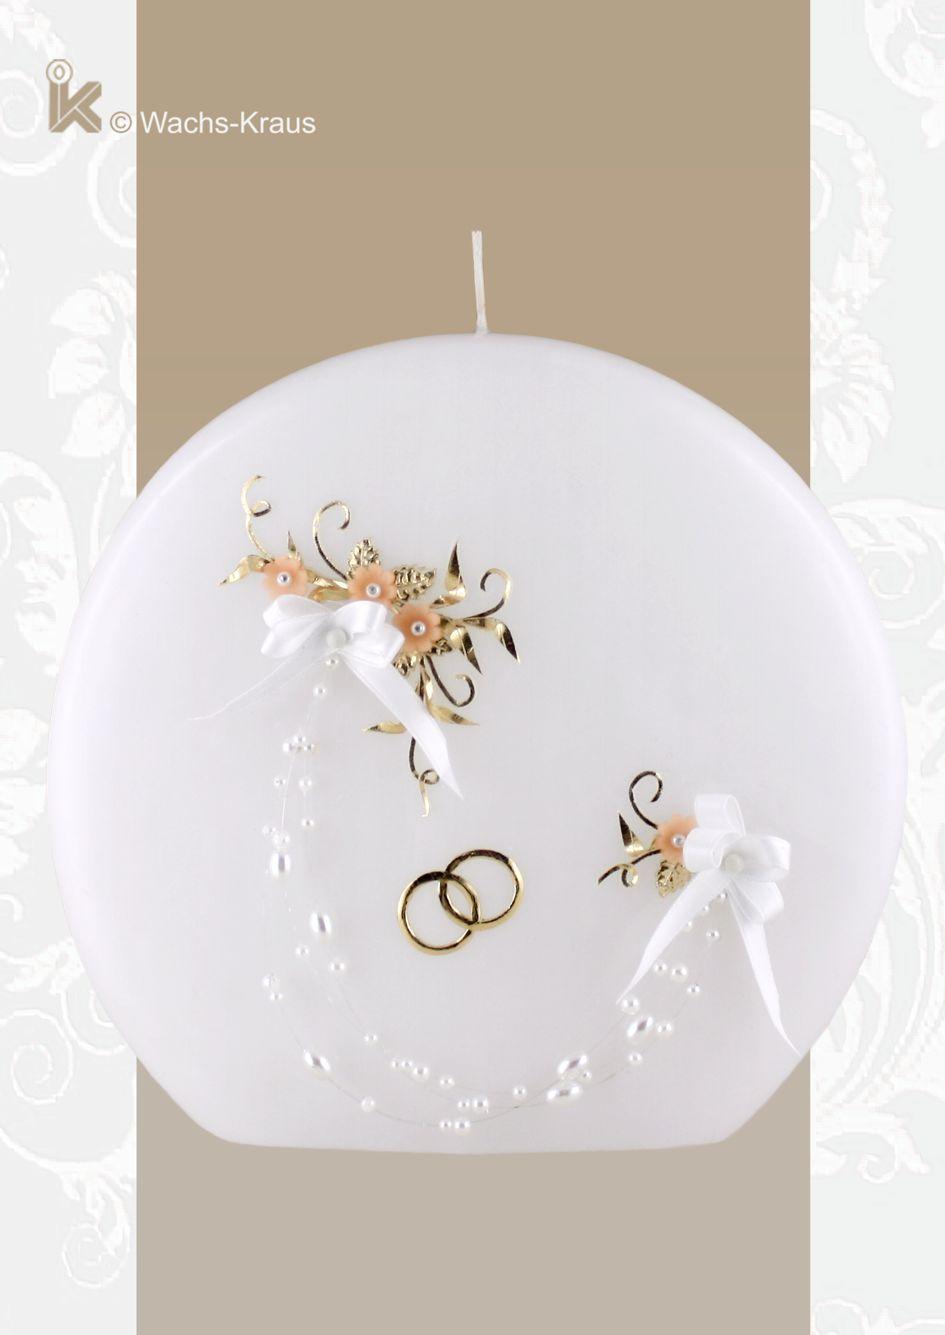 Eine wunderschöne Mischung aus moderner Kerzen-Form und Vintage Designe ist diese Hochzeitskerze in ihrer Scheiben-Form liebevoll verziert.